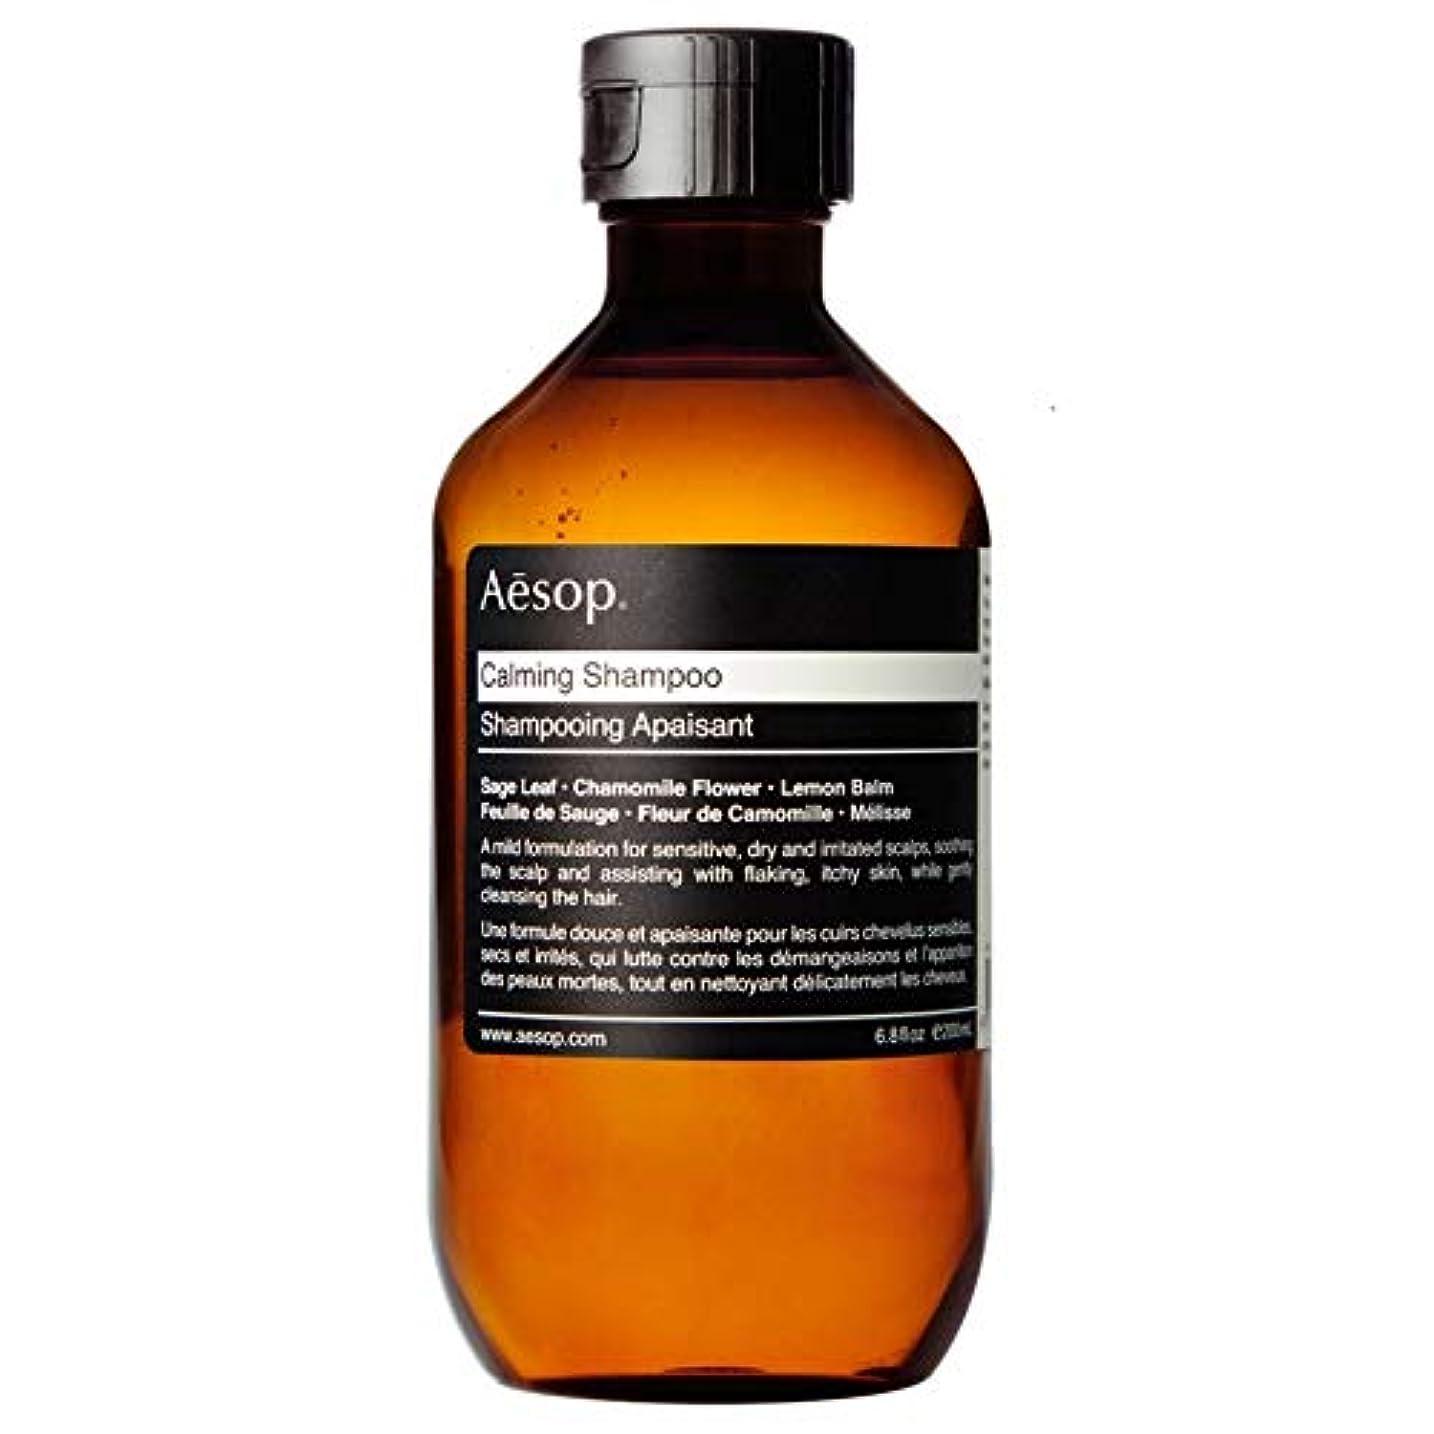 失うニュージーランドおいしい[Aesop] イソップ心を落ち着かせるシャンプー200ミリリットル - Aesop Calming Shampoo 200ml [並行輸入品]